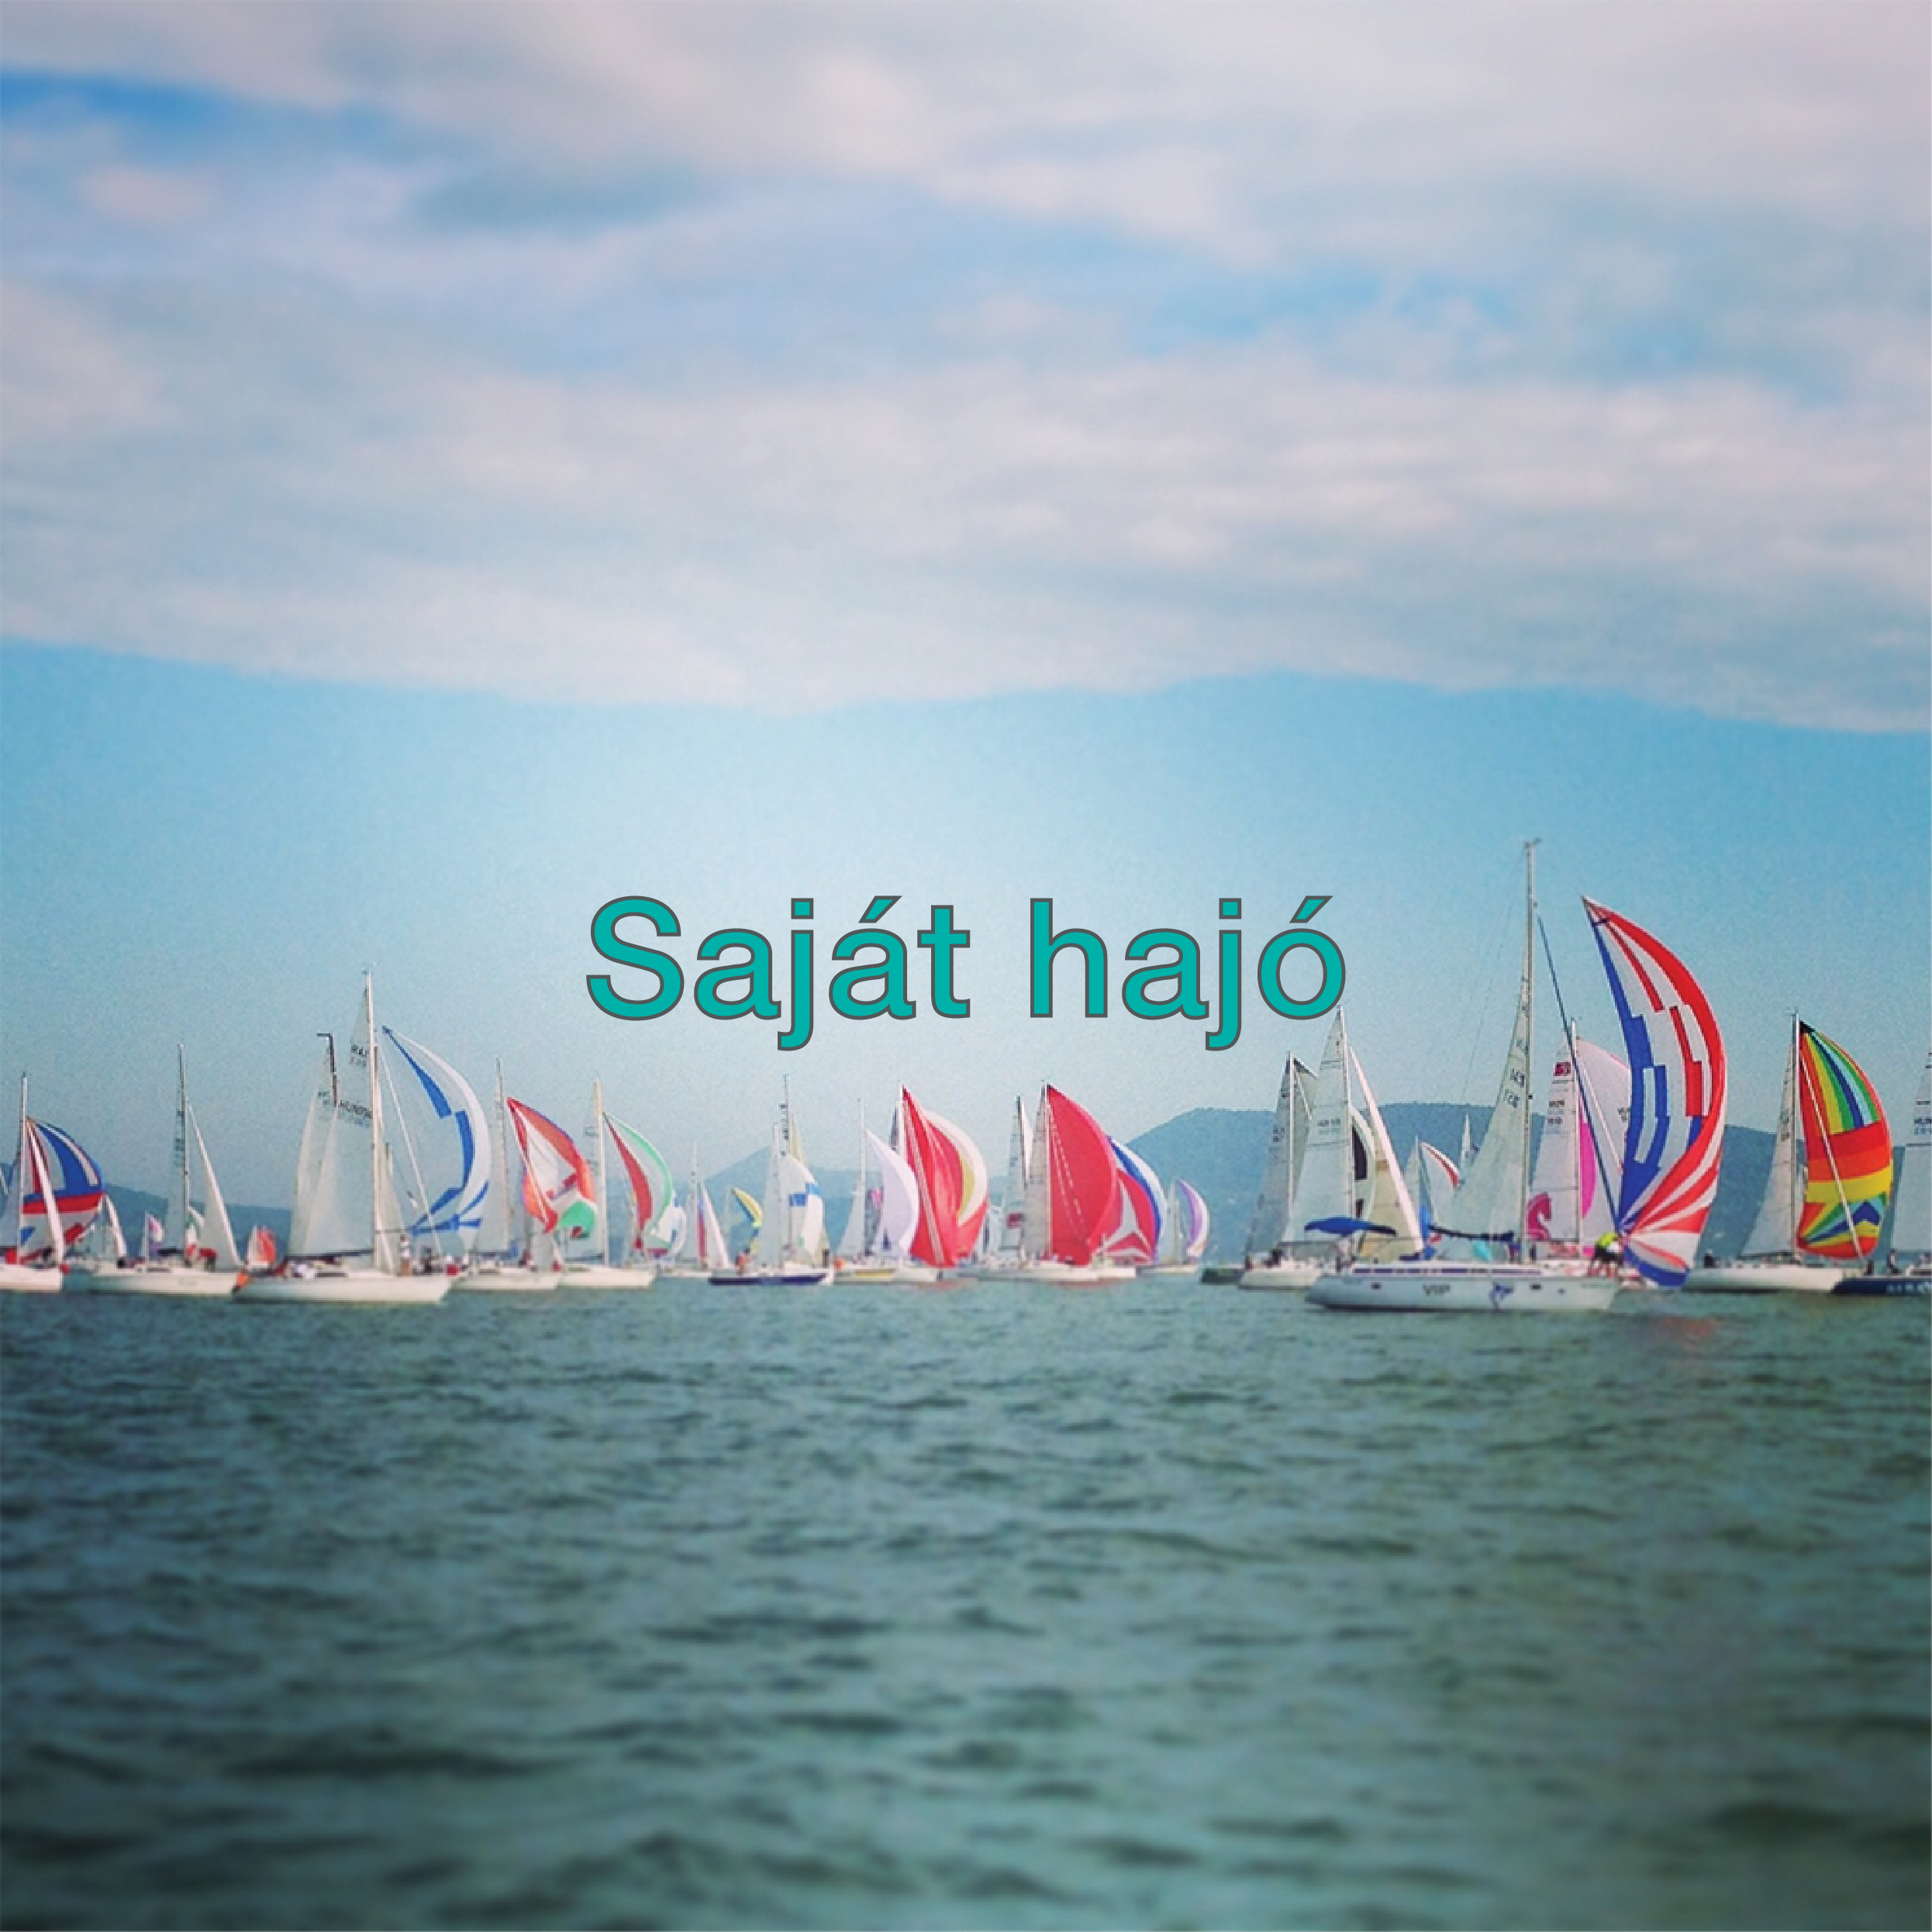 sajathajo_01.png